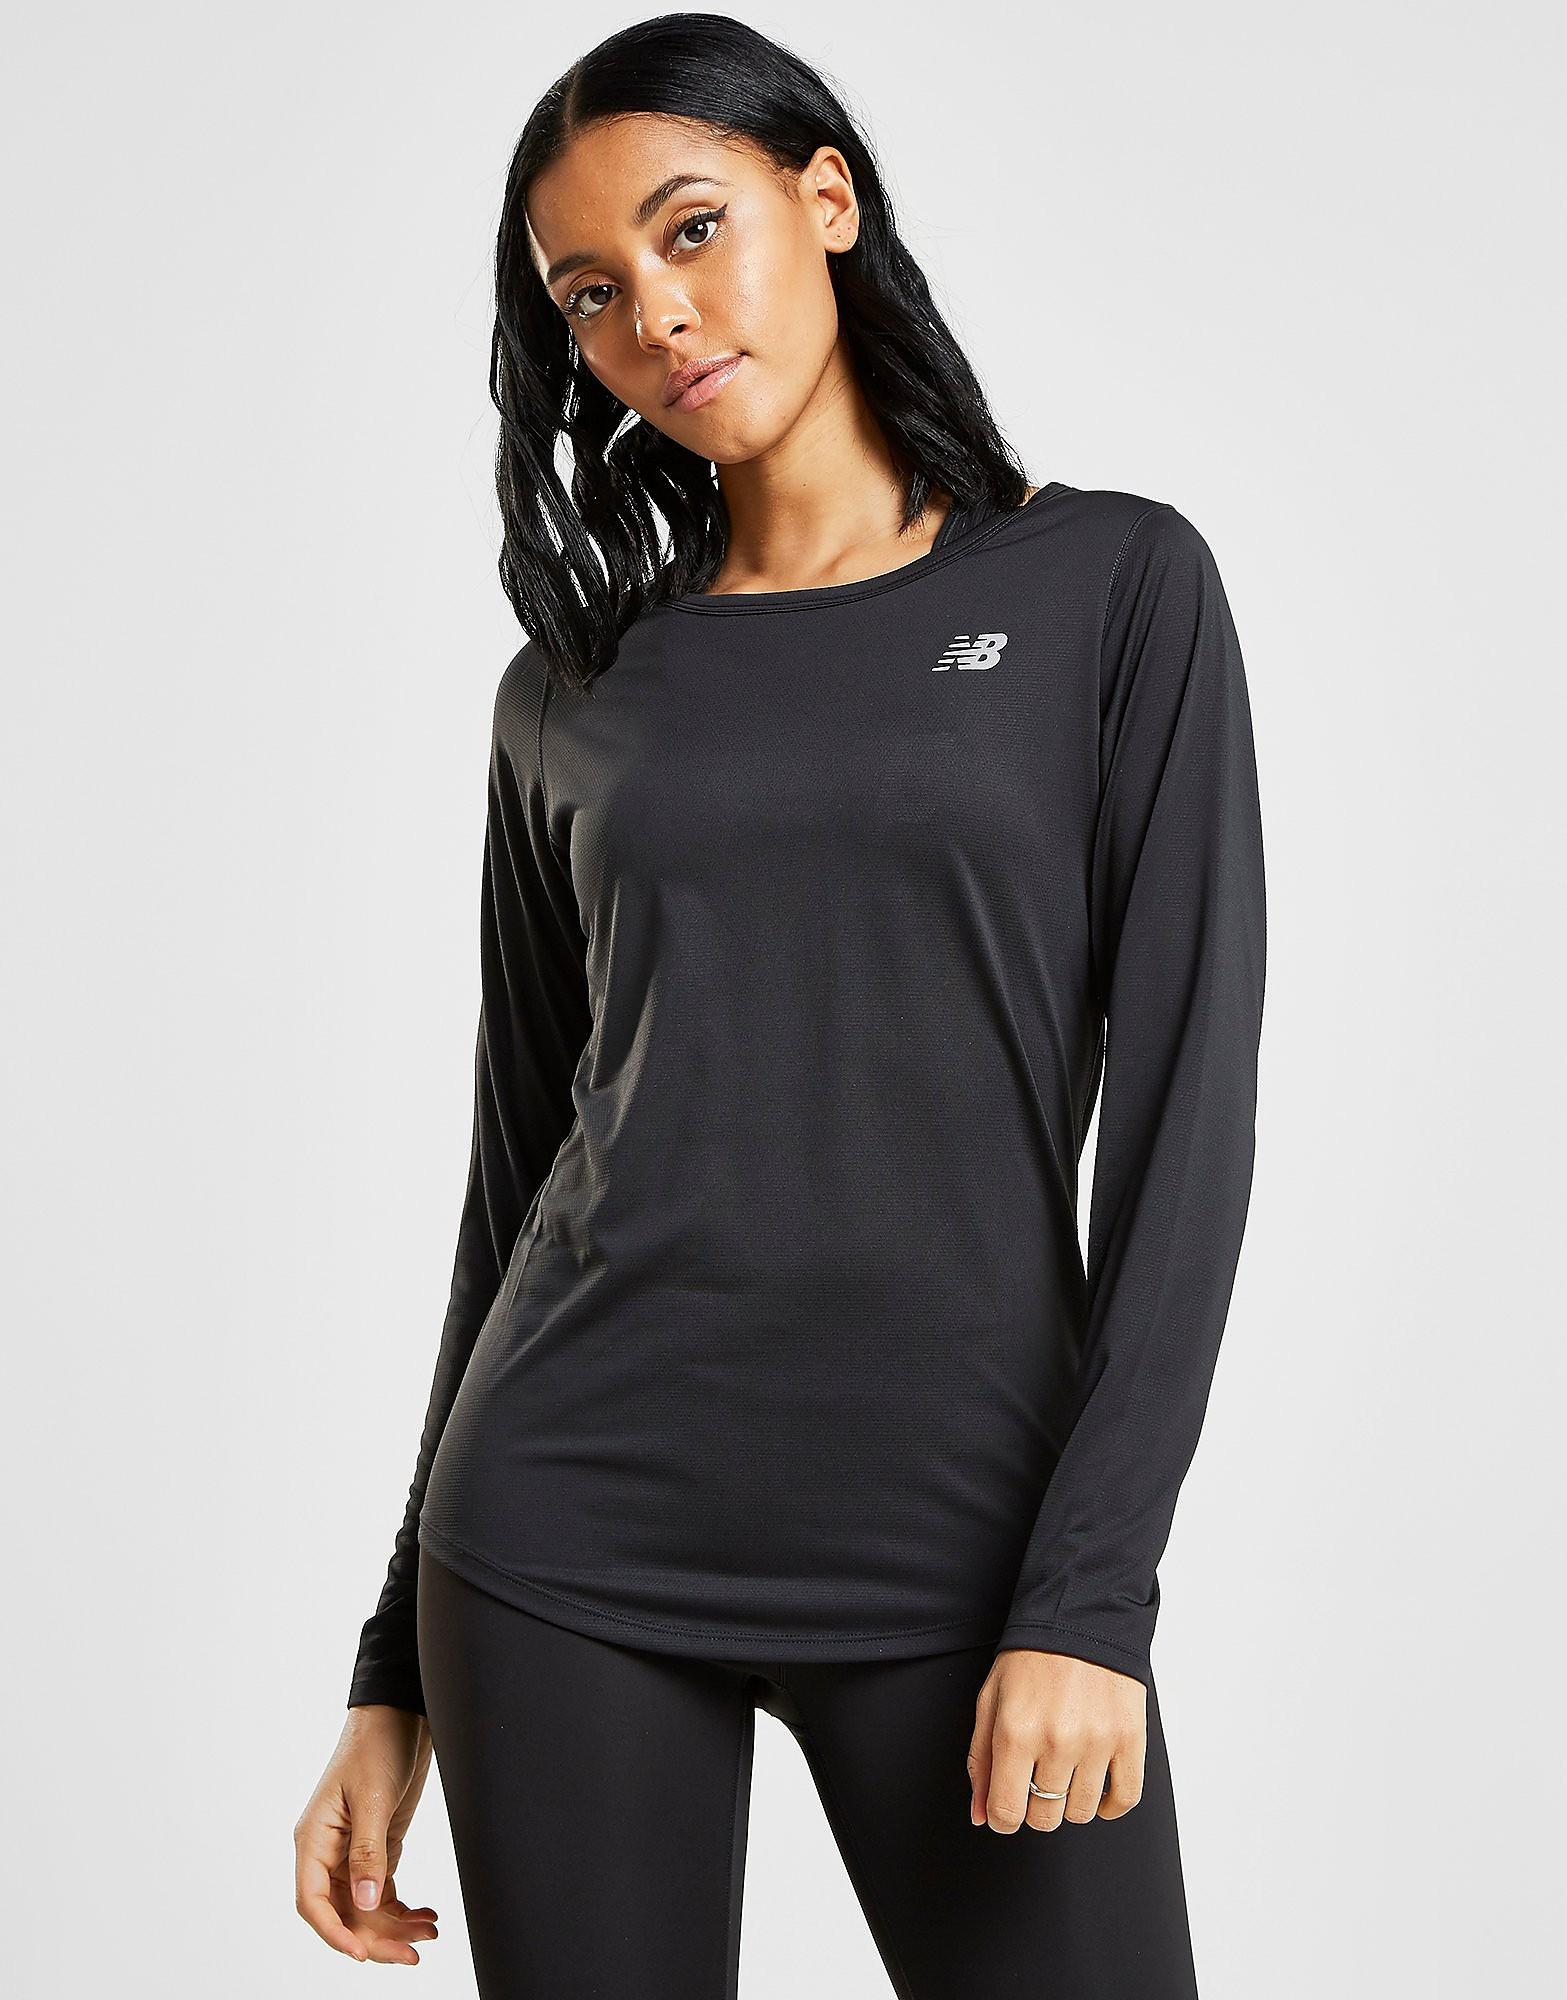 New Balance Core Long Sleeve T-Shirt Dames - Zwart - Dames